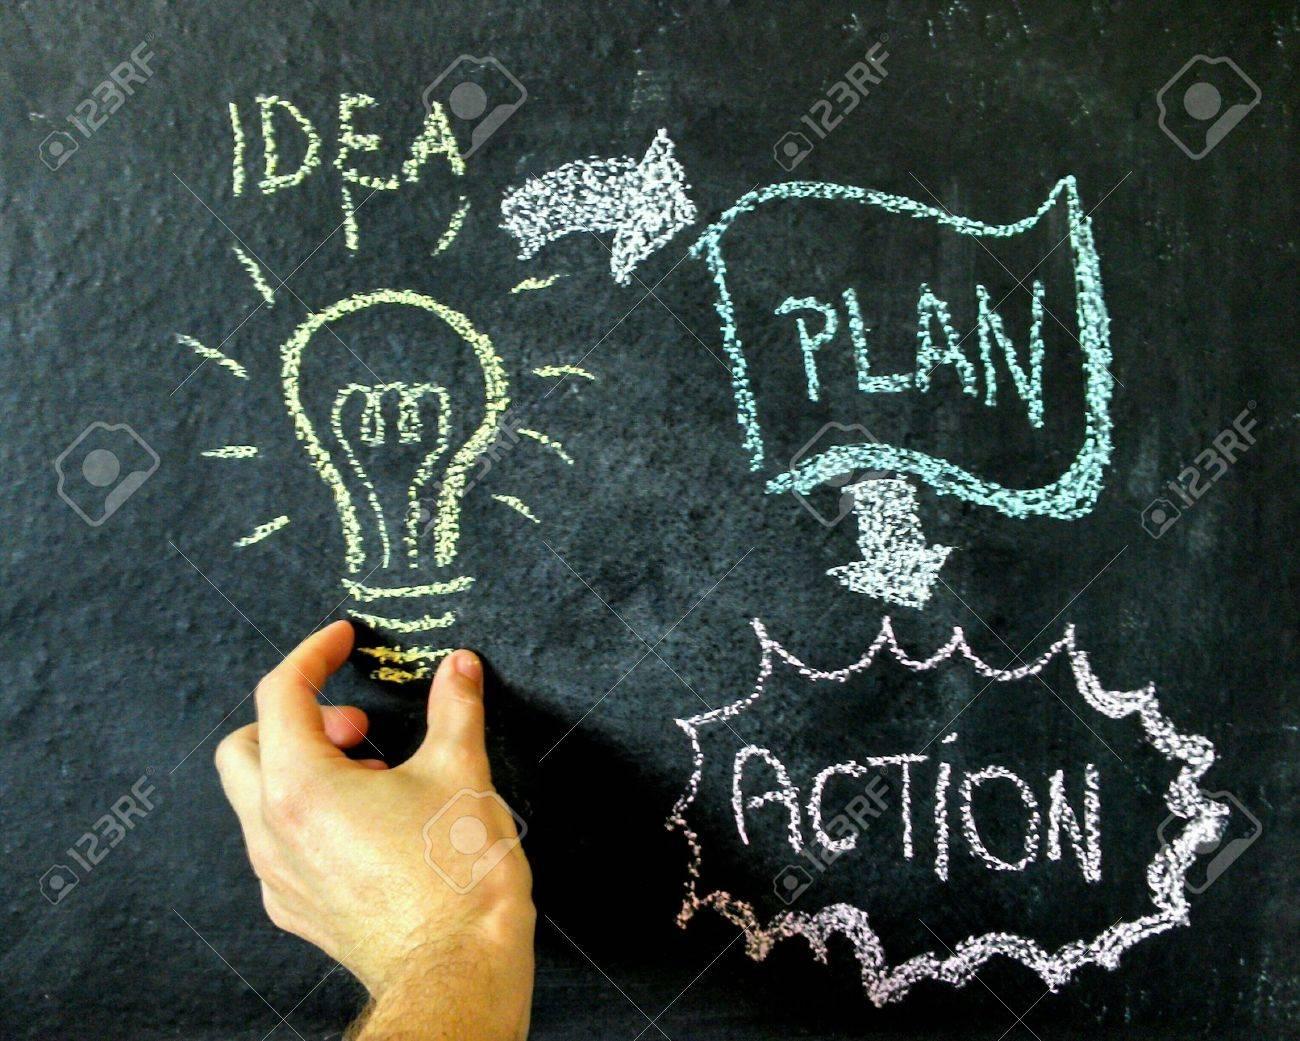 Idée Plan D'action De Dessin, Tableau Noir Banque D'Images Et